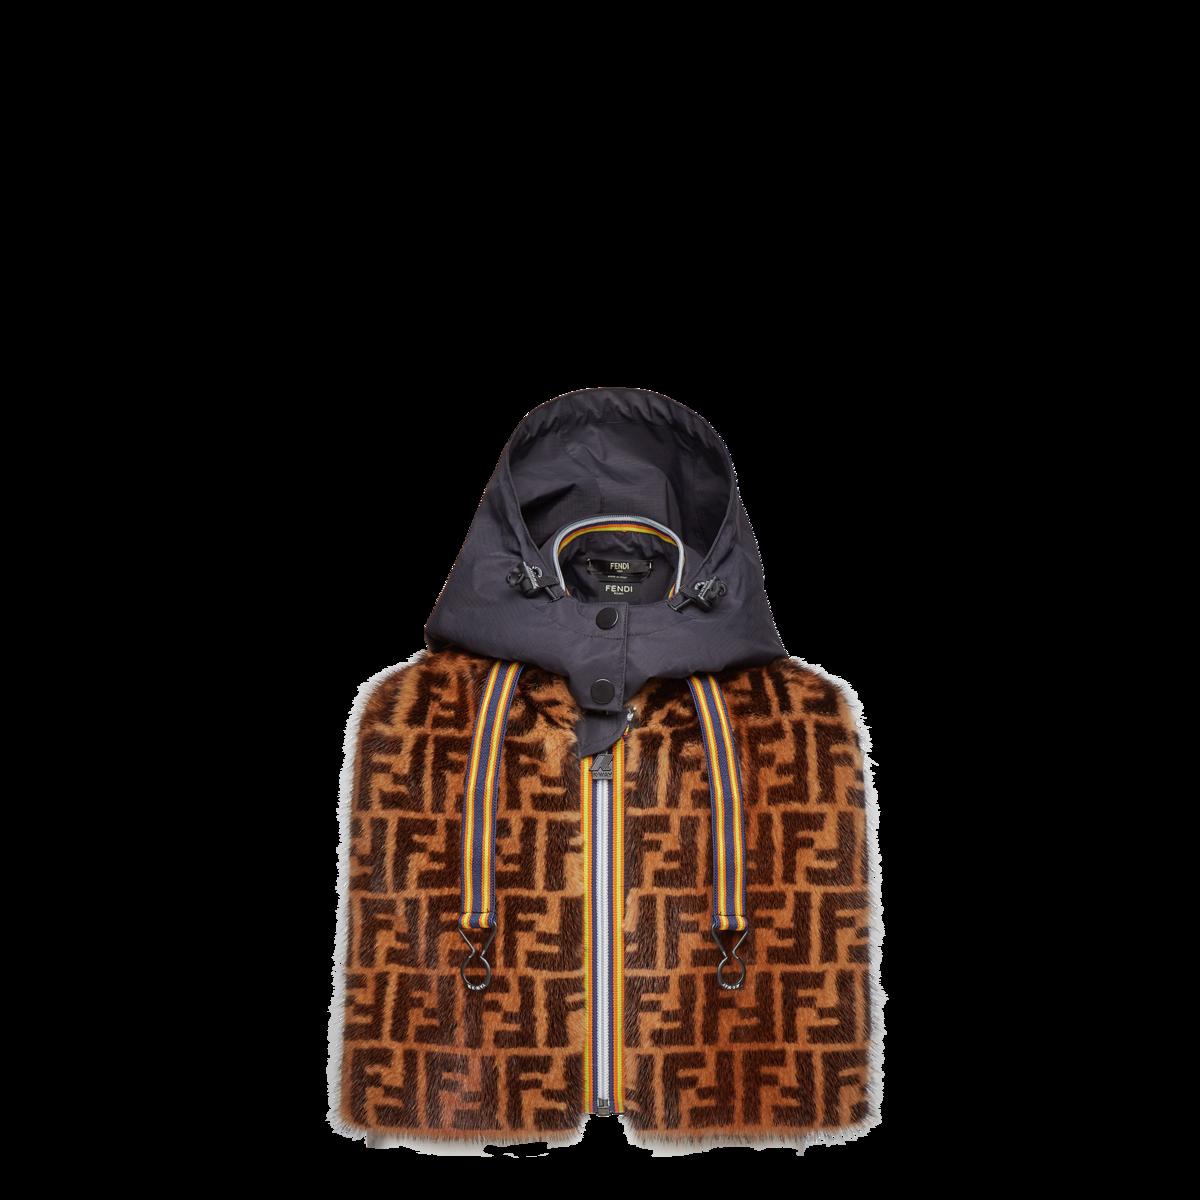 FENDI x K-Way水貂毛皮草 FF Logo短版飛行夾克 價格店洽。(FENDI提供)